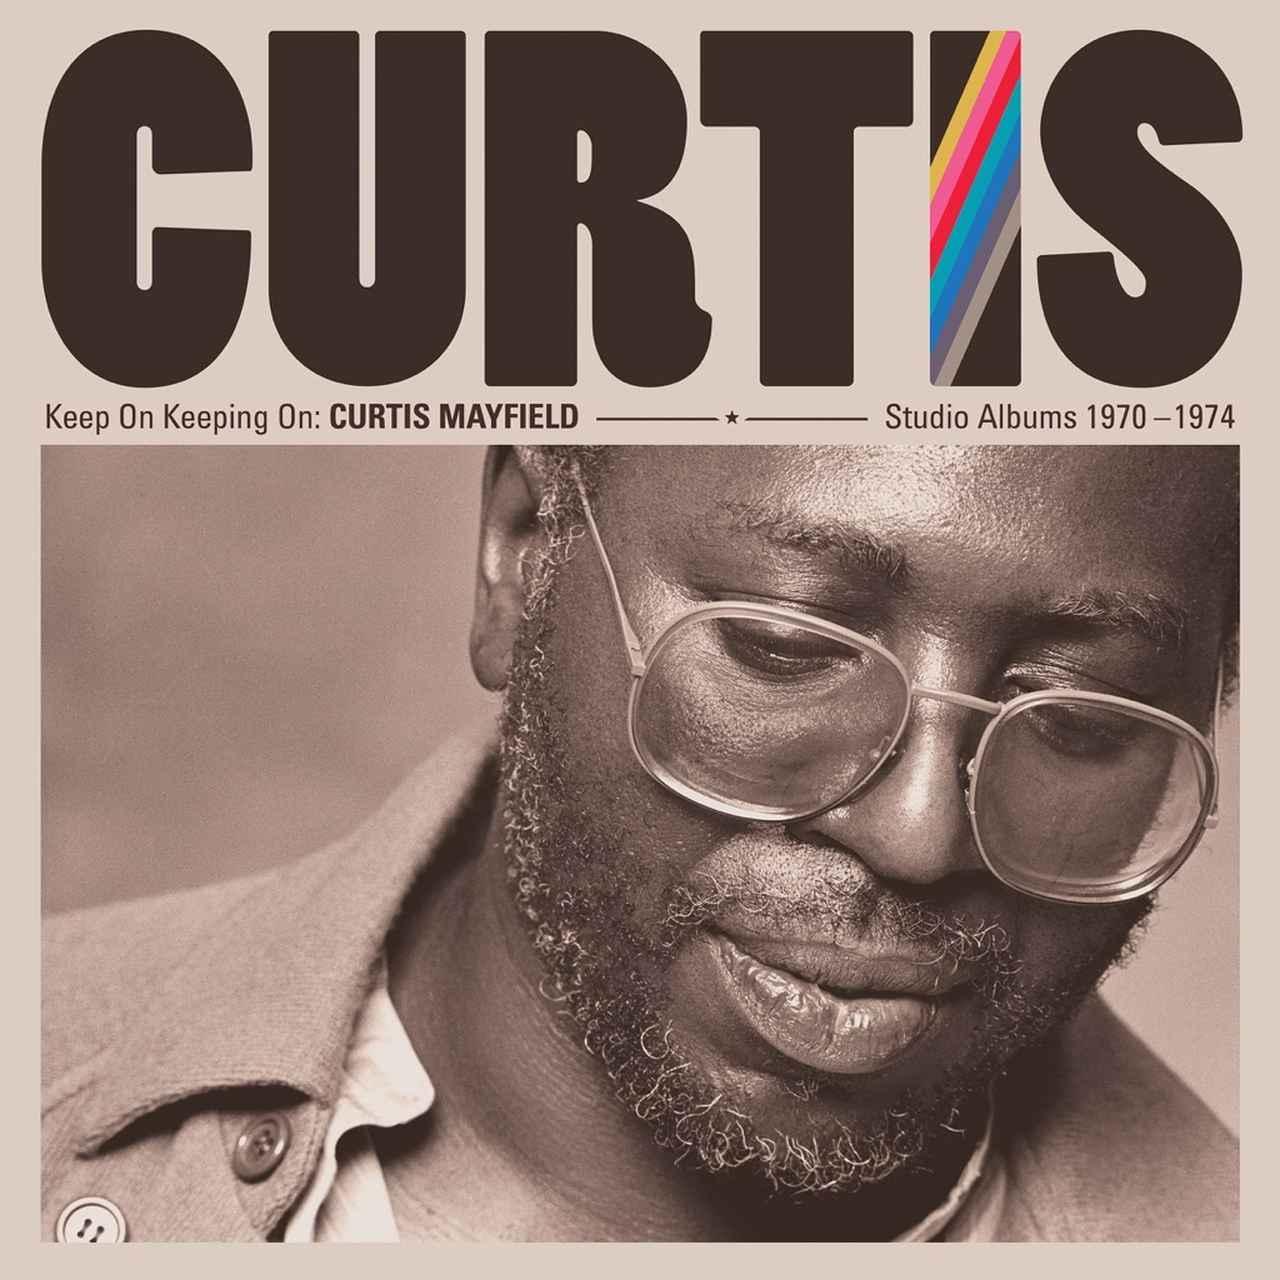 画像: Keep On Keeping On: Curtis Mayfield Studio Albums 1970-1974 (Remastered) / Curtis Mayfield